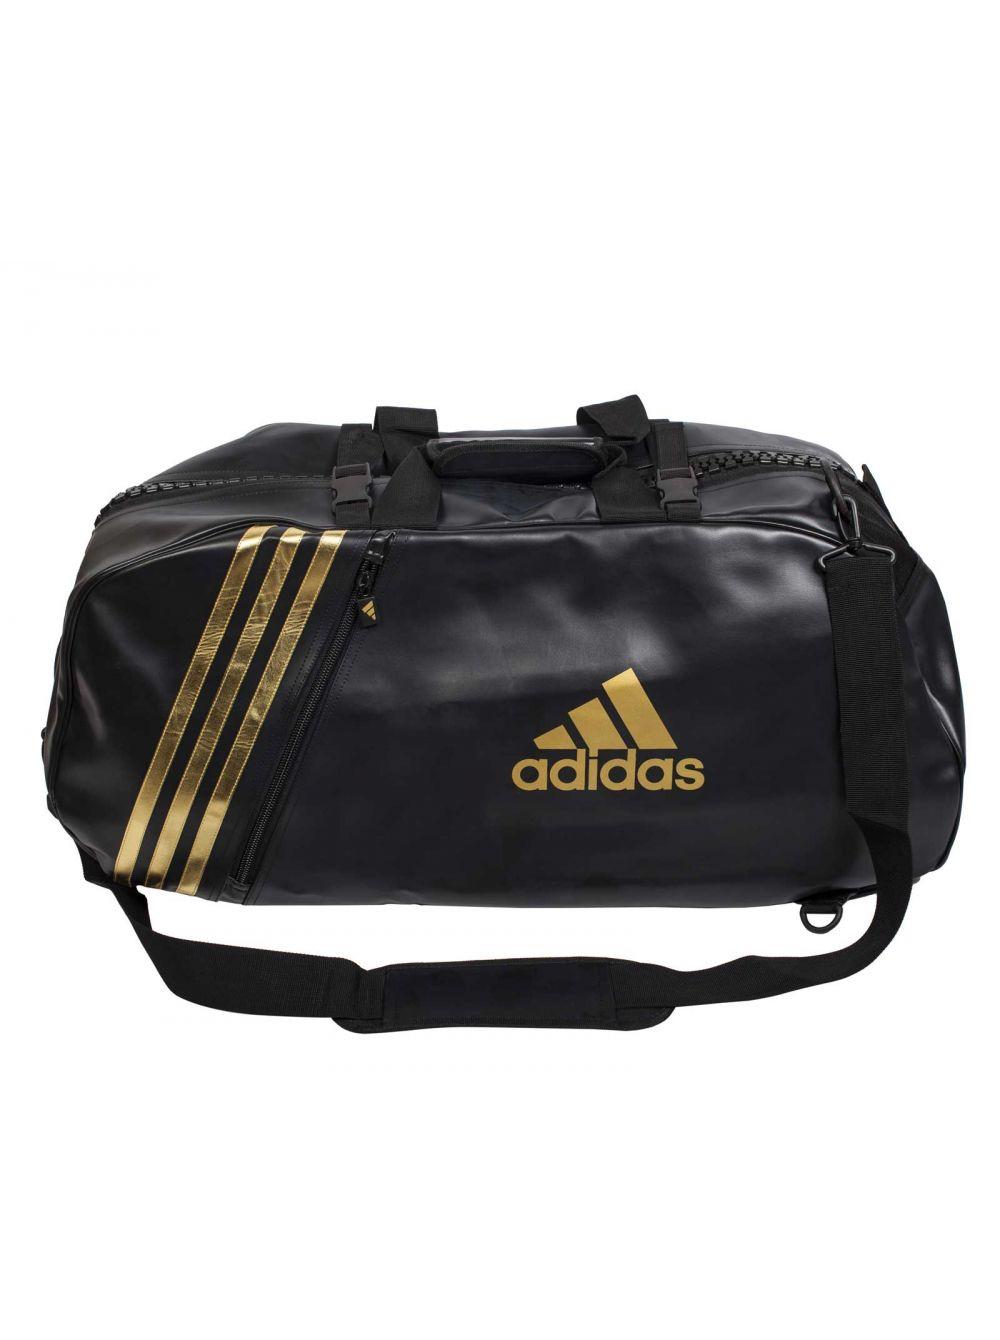 3d7942dfba1b Купить спортивную сумку «Adidas Super Sport Bag Karate L» черно-золотую